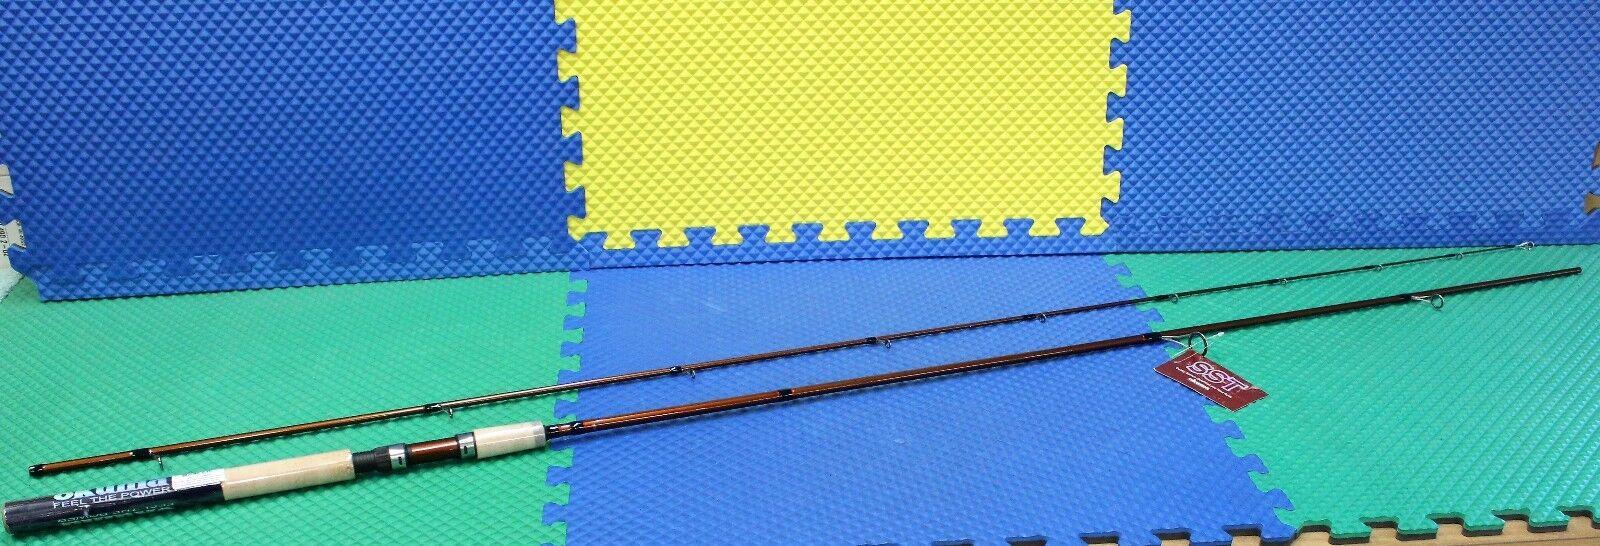 Okuma SST 10' 6   Spinning Rod Medium Action 2 Piece SST-S-1062M  great offers